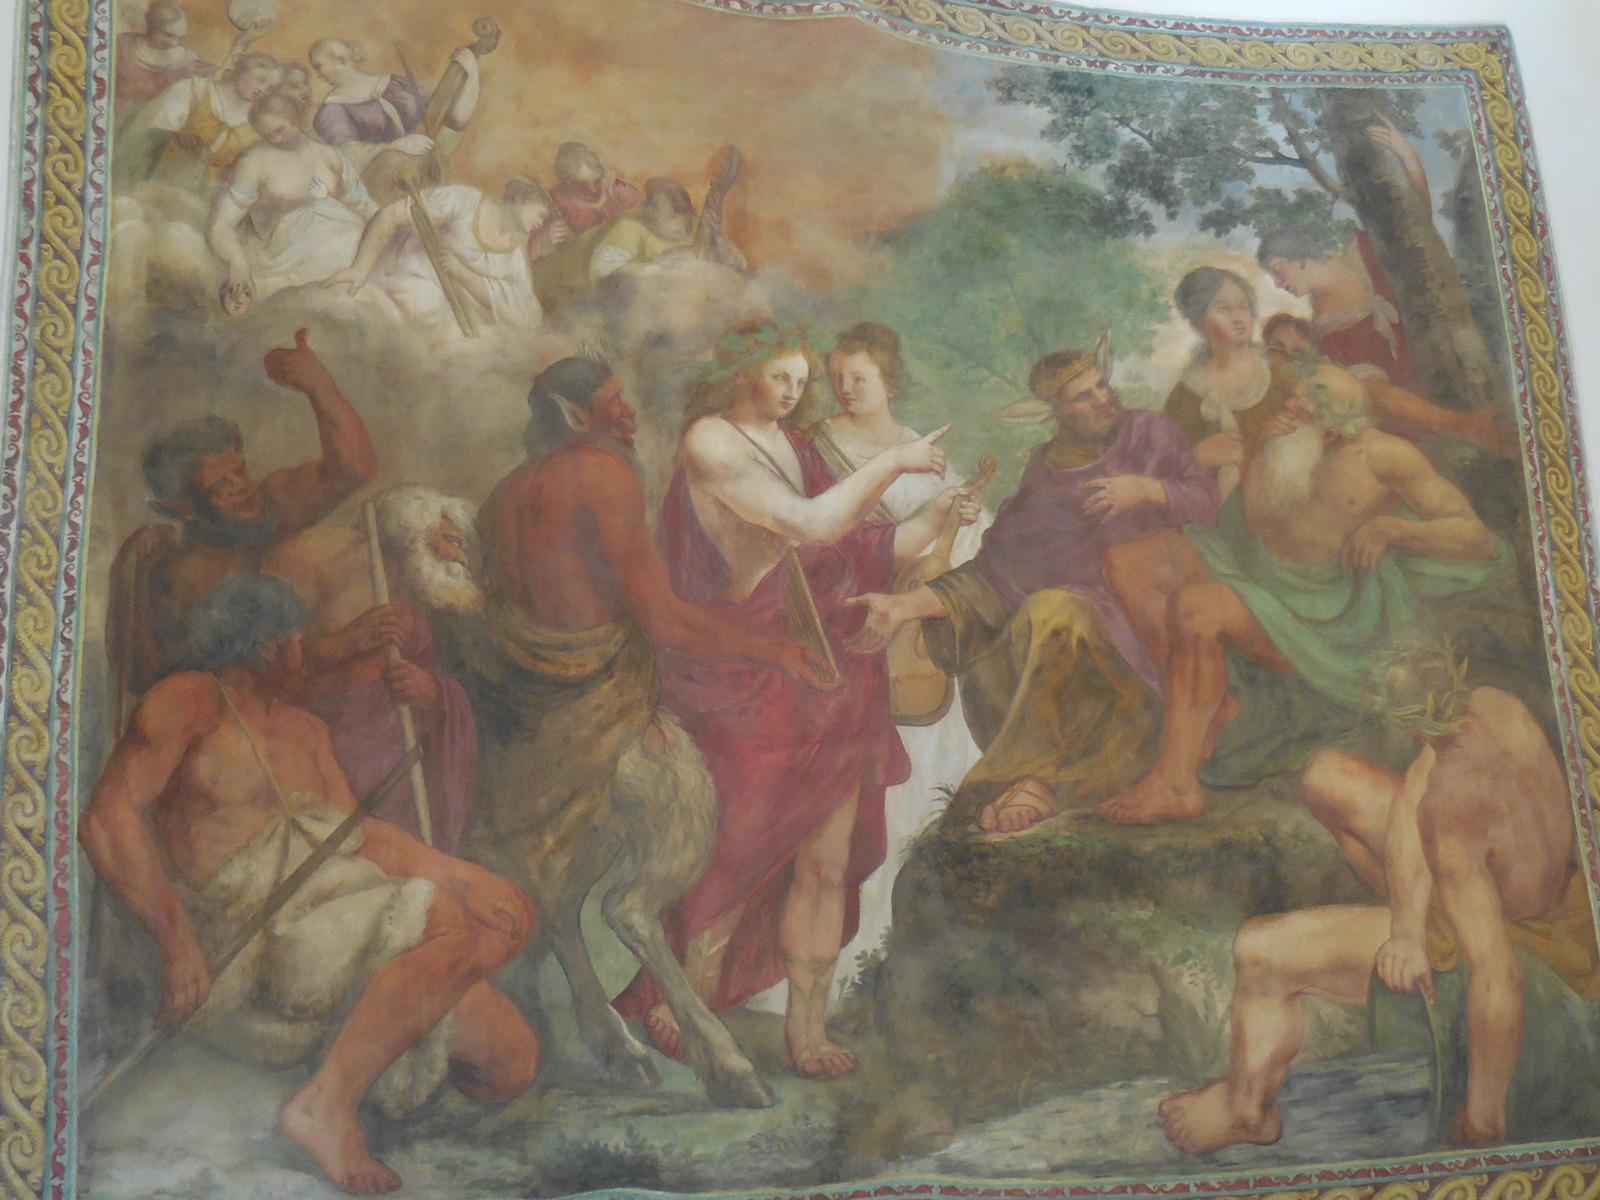 VicenzaGIint23